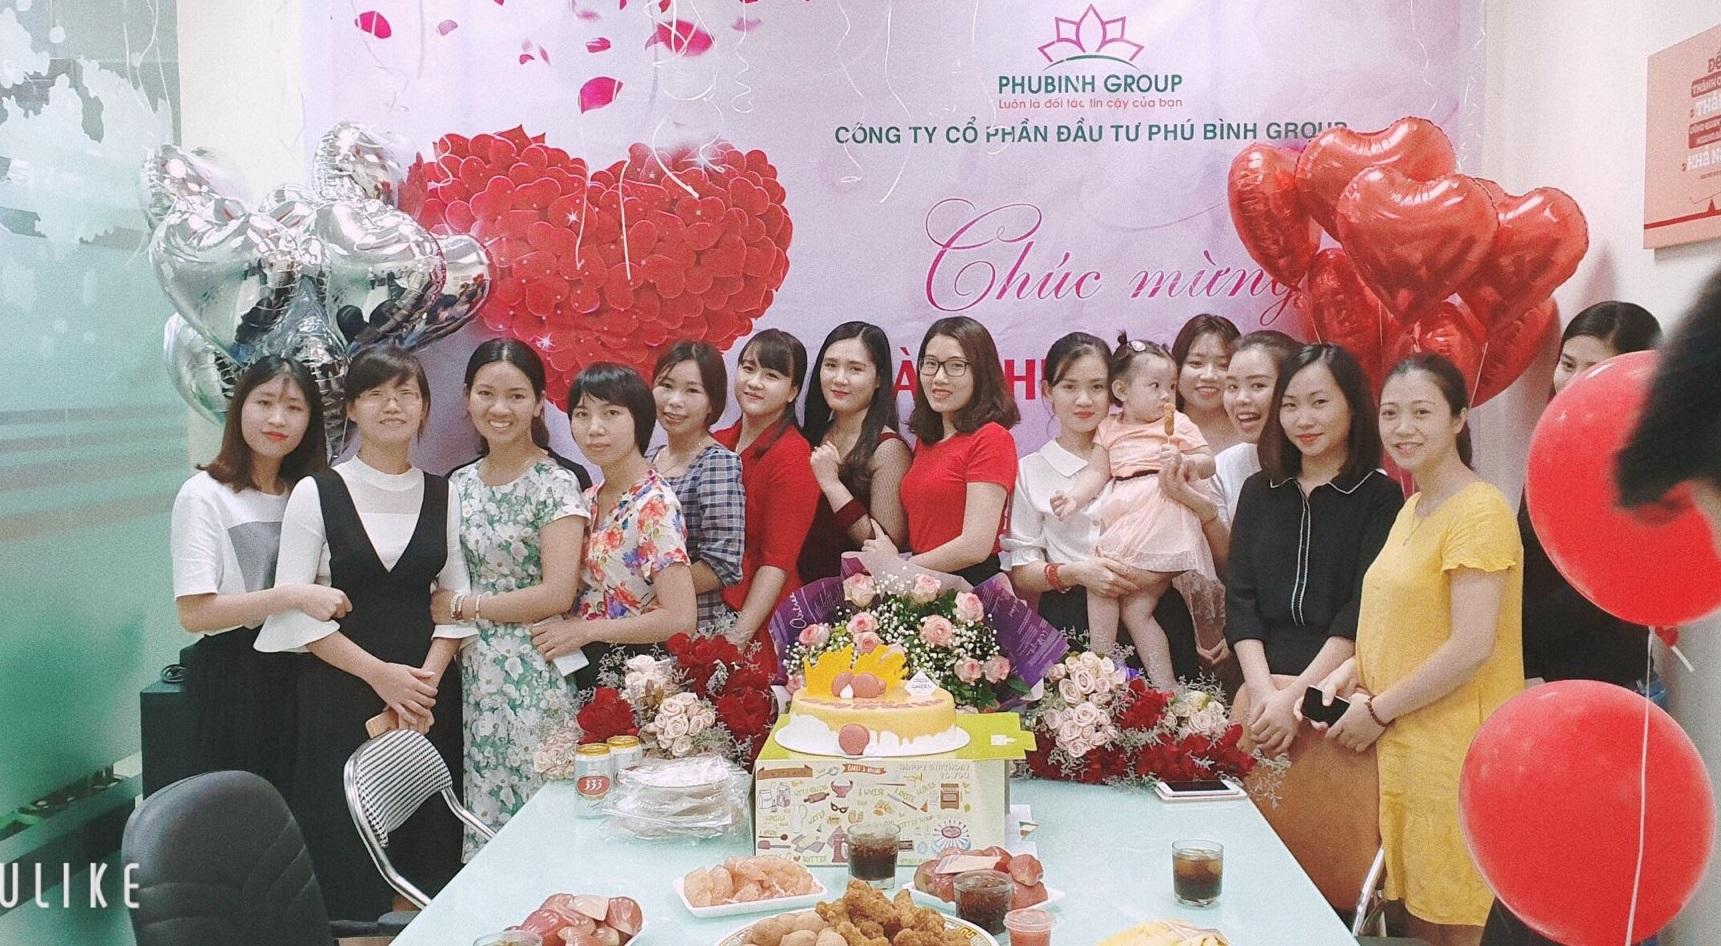 Phú Bình Group chào mừng ngày phụ nữ Việt Nam 20/10